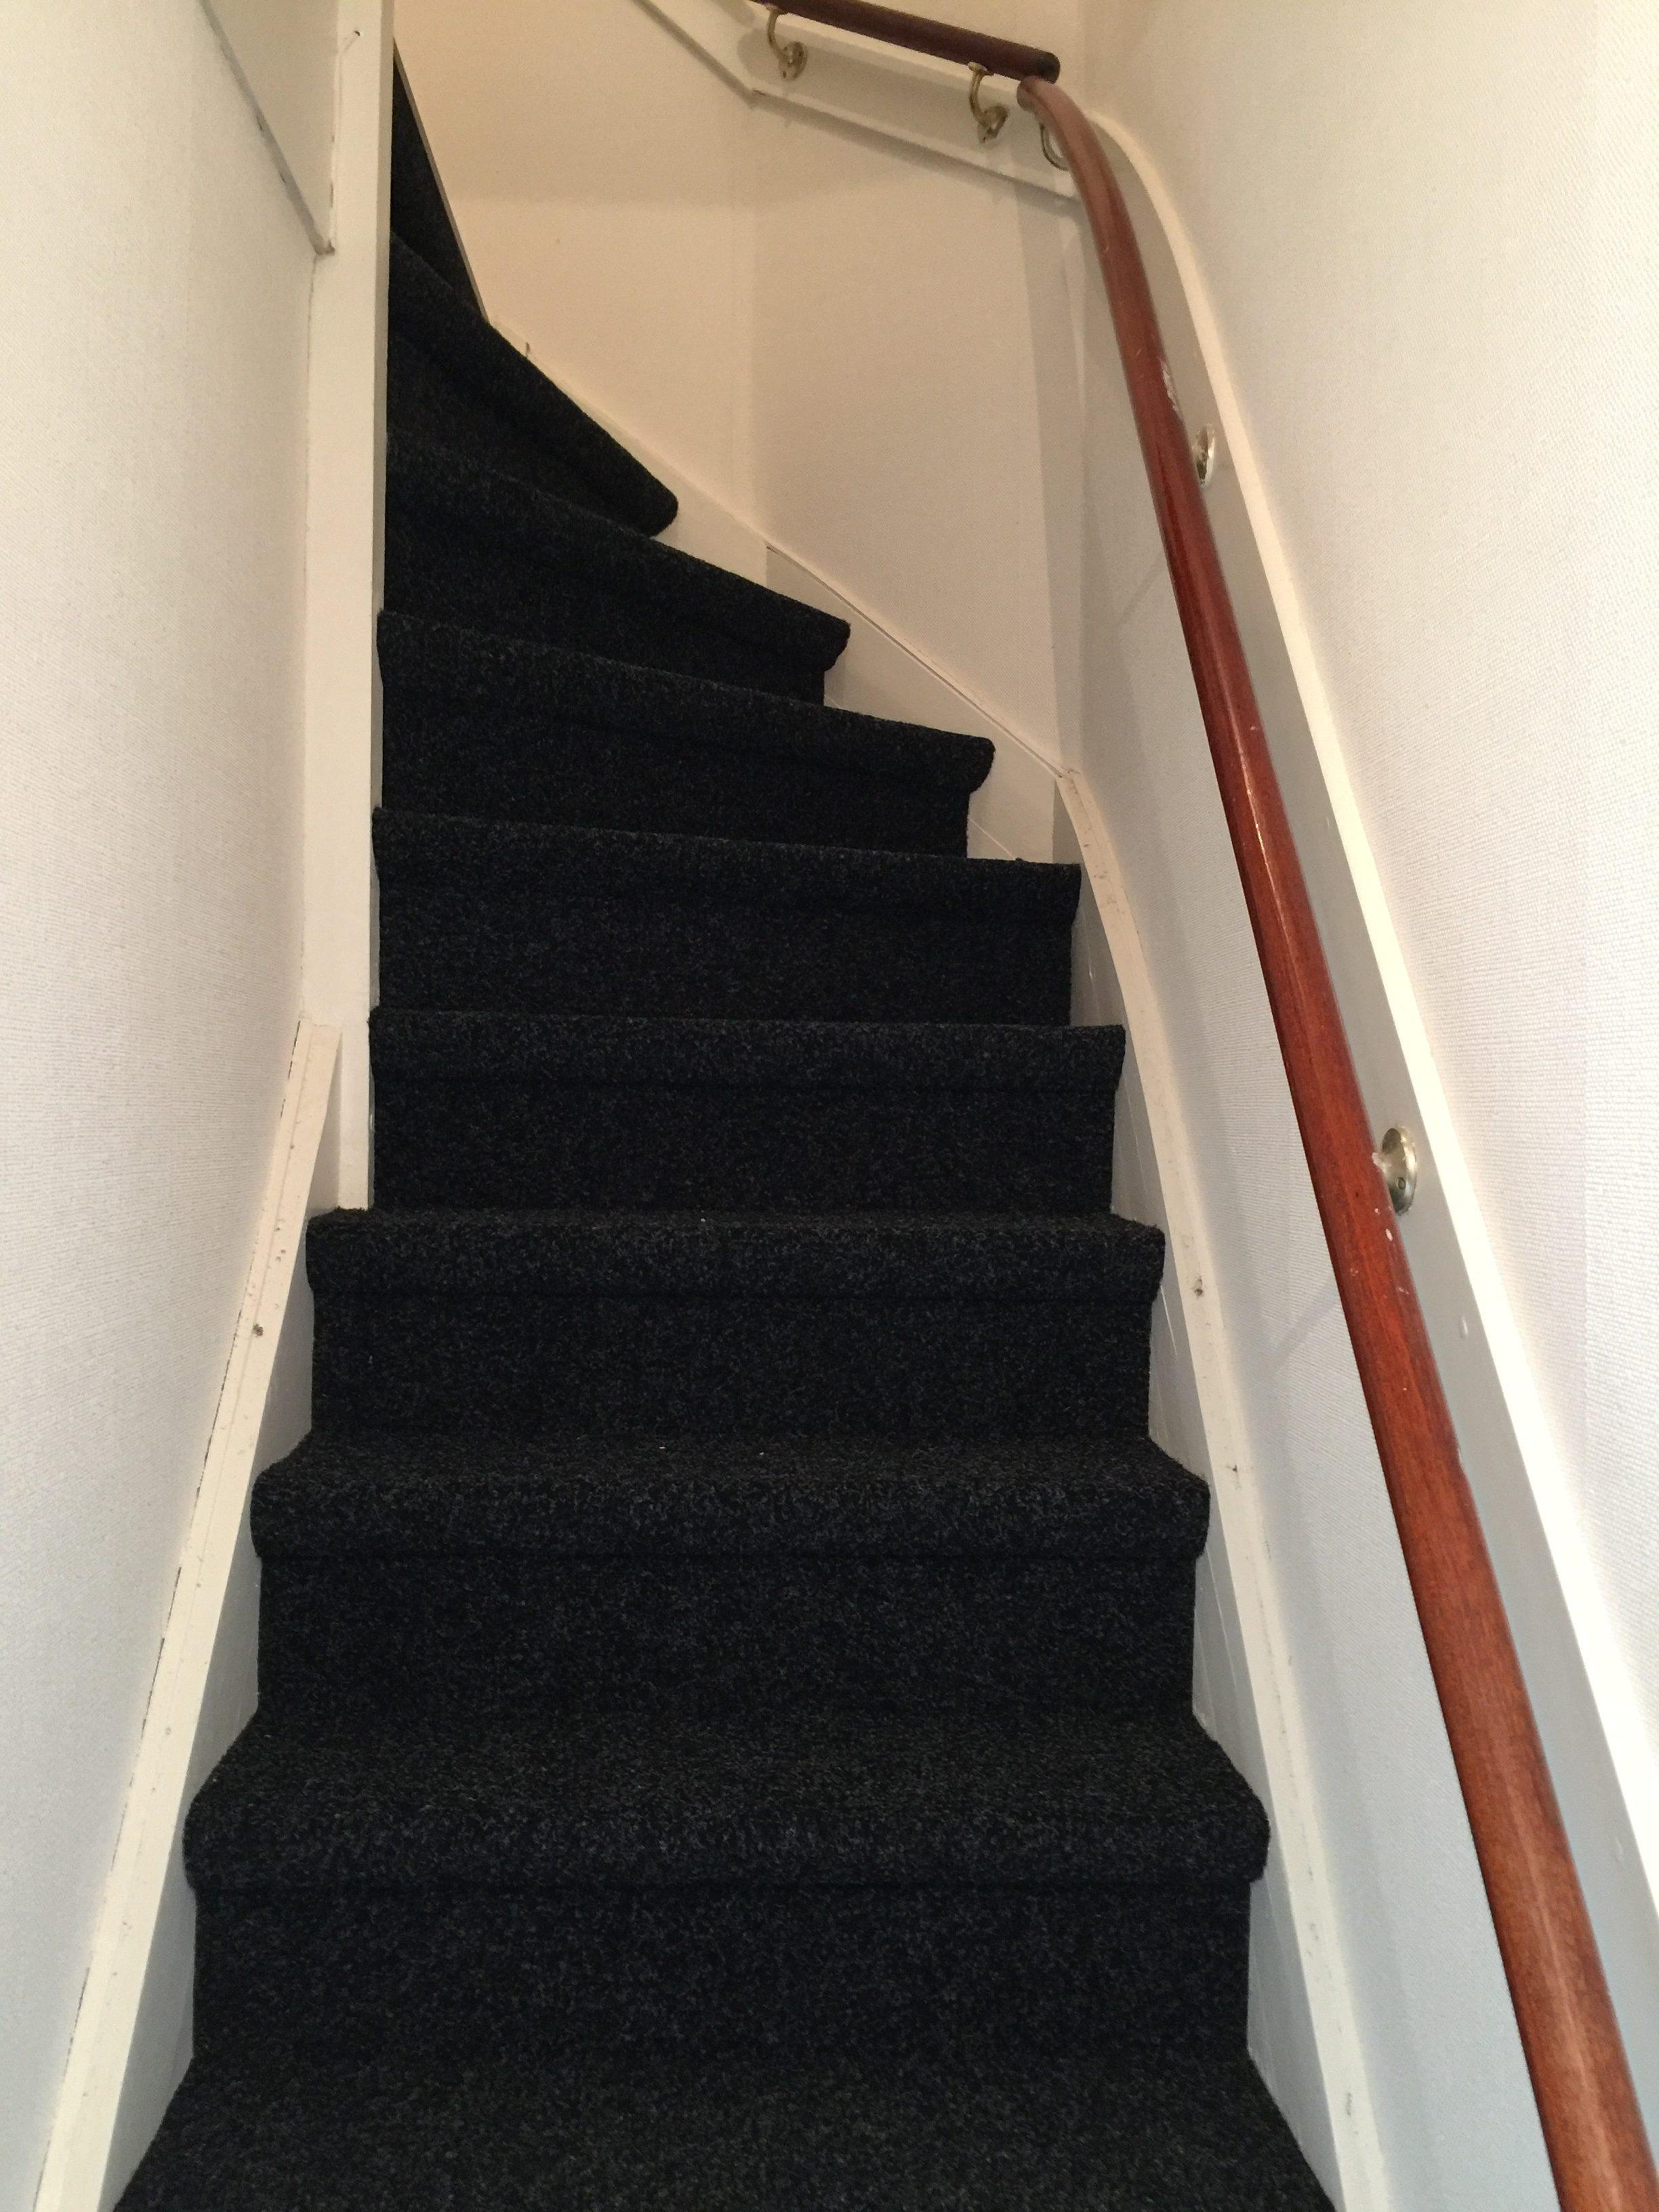 Spiksplinternieuw Voordelig Trappen Bekleden in Den Haag – Vakkundig trap bekleden VS-48